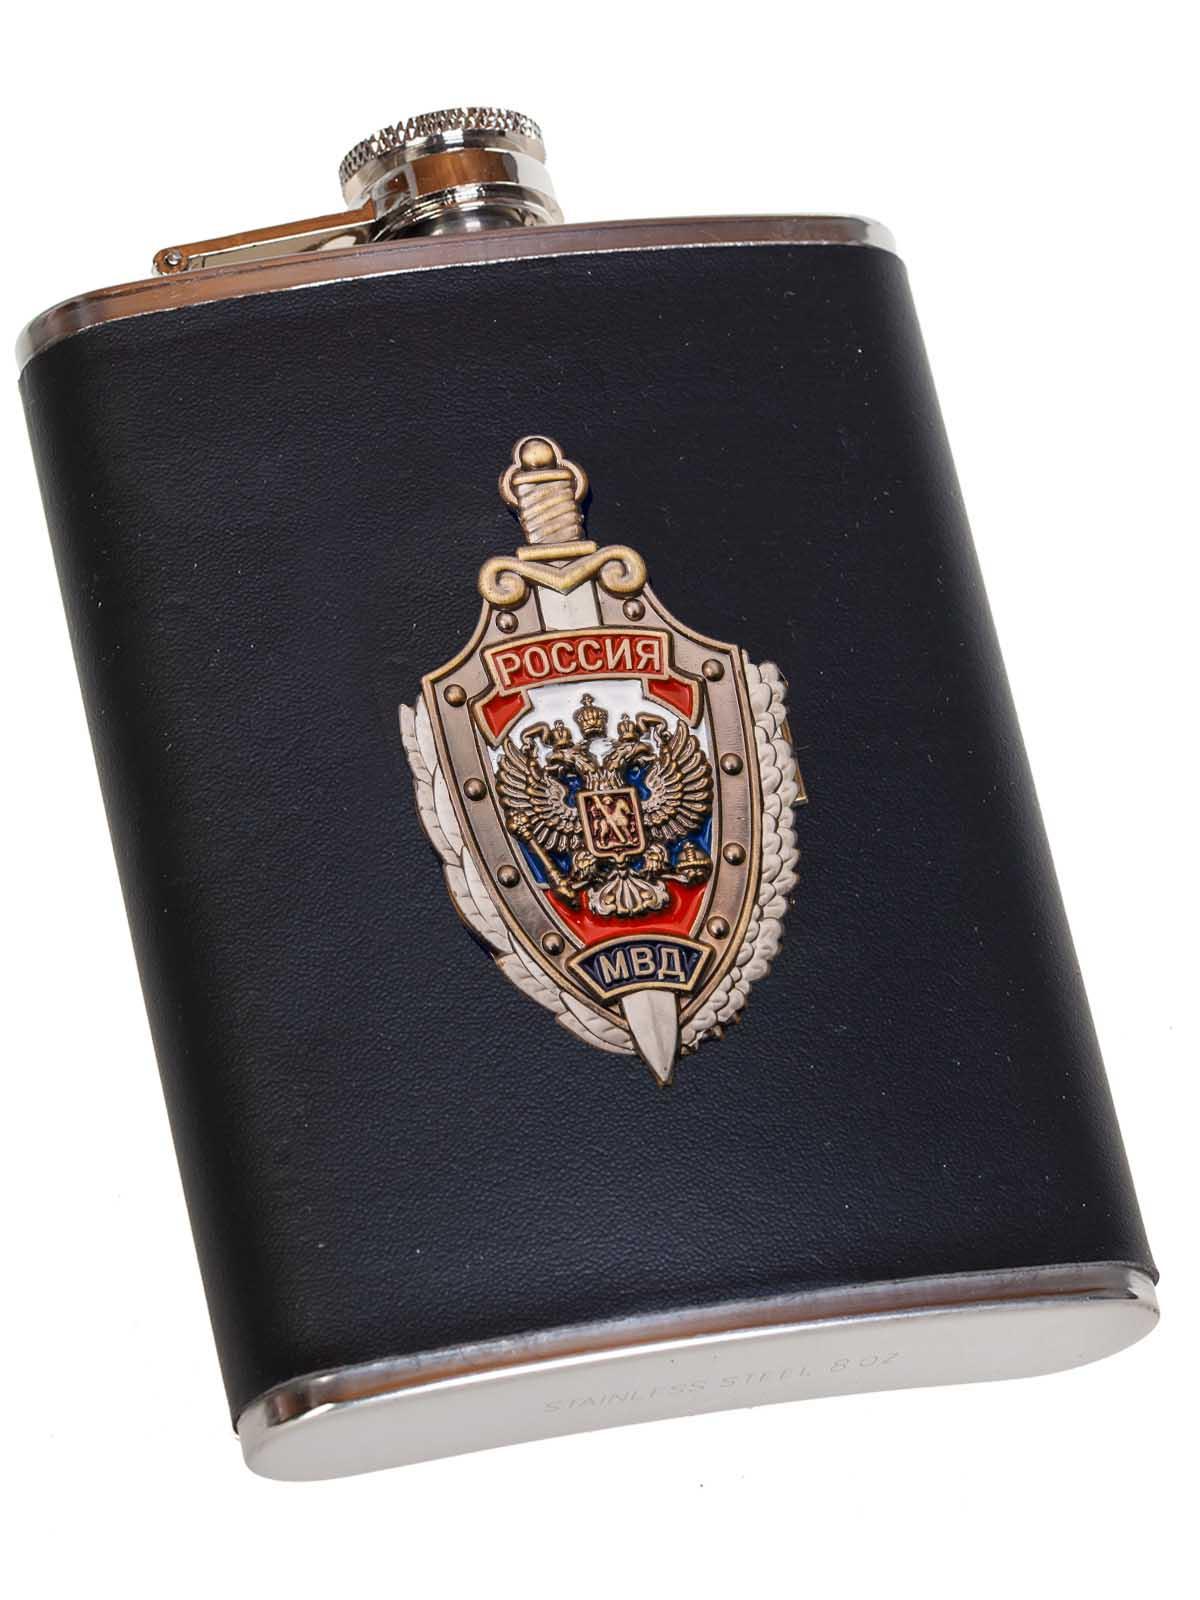 Классная подарочная фляжка сотруднику МВД России в Военпро